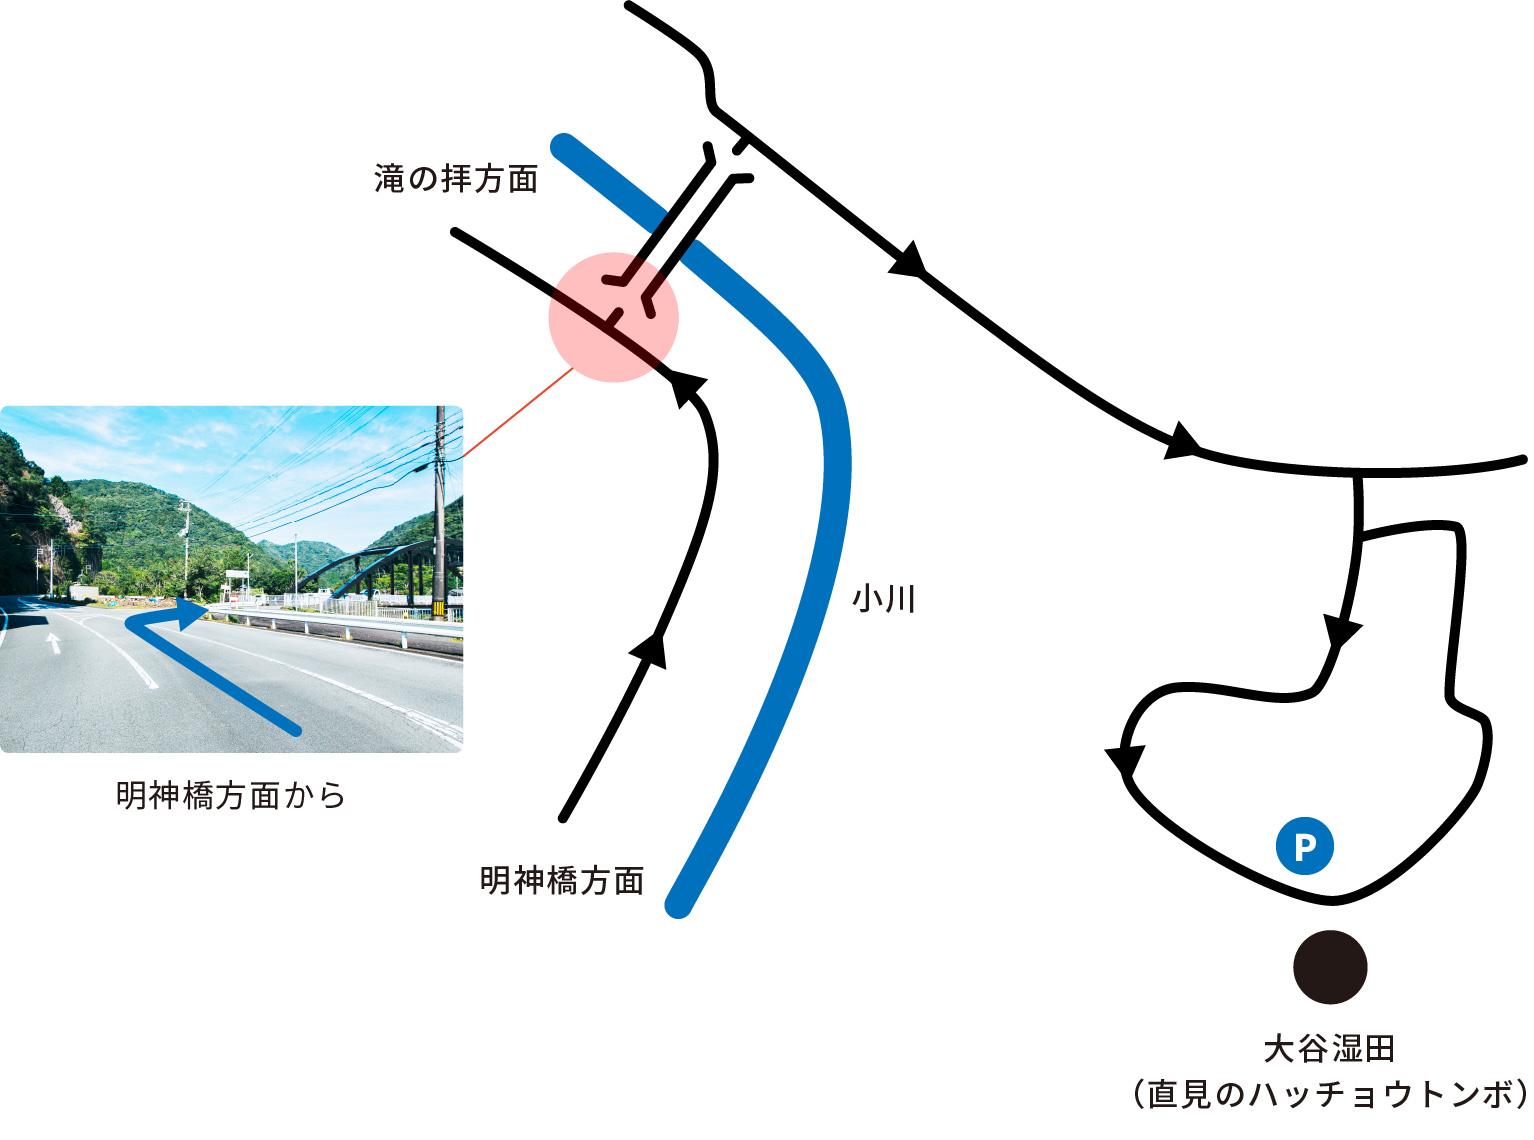 大谷湿田への道順画像